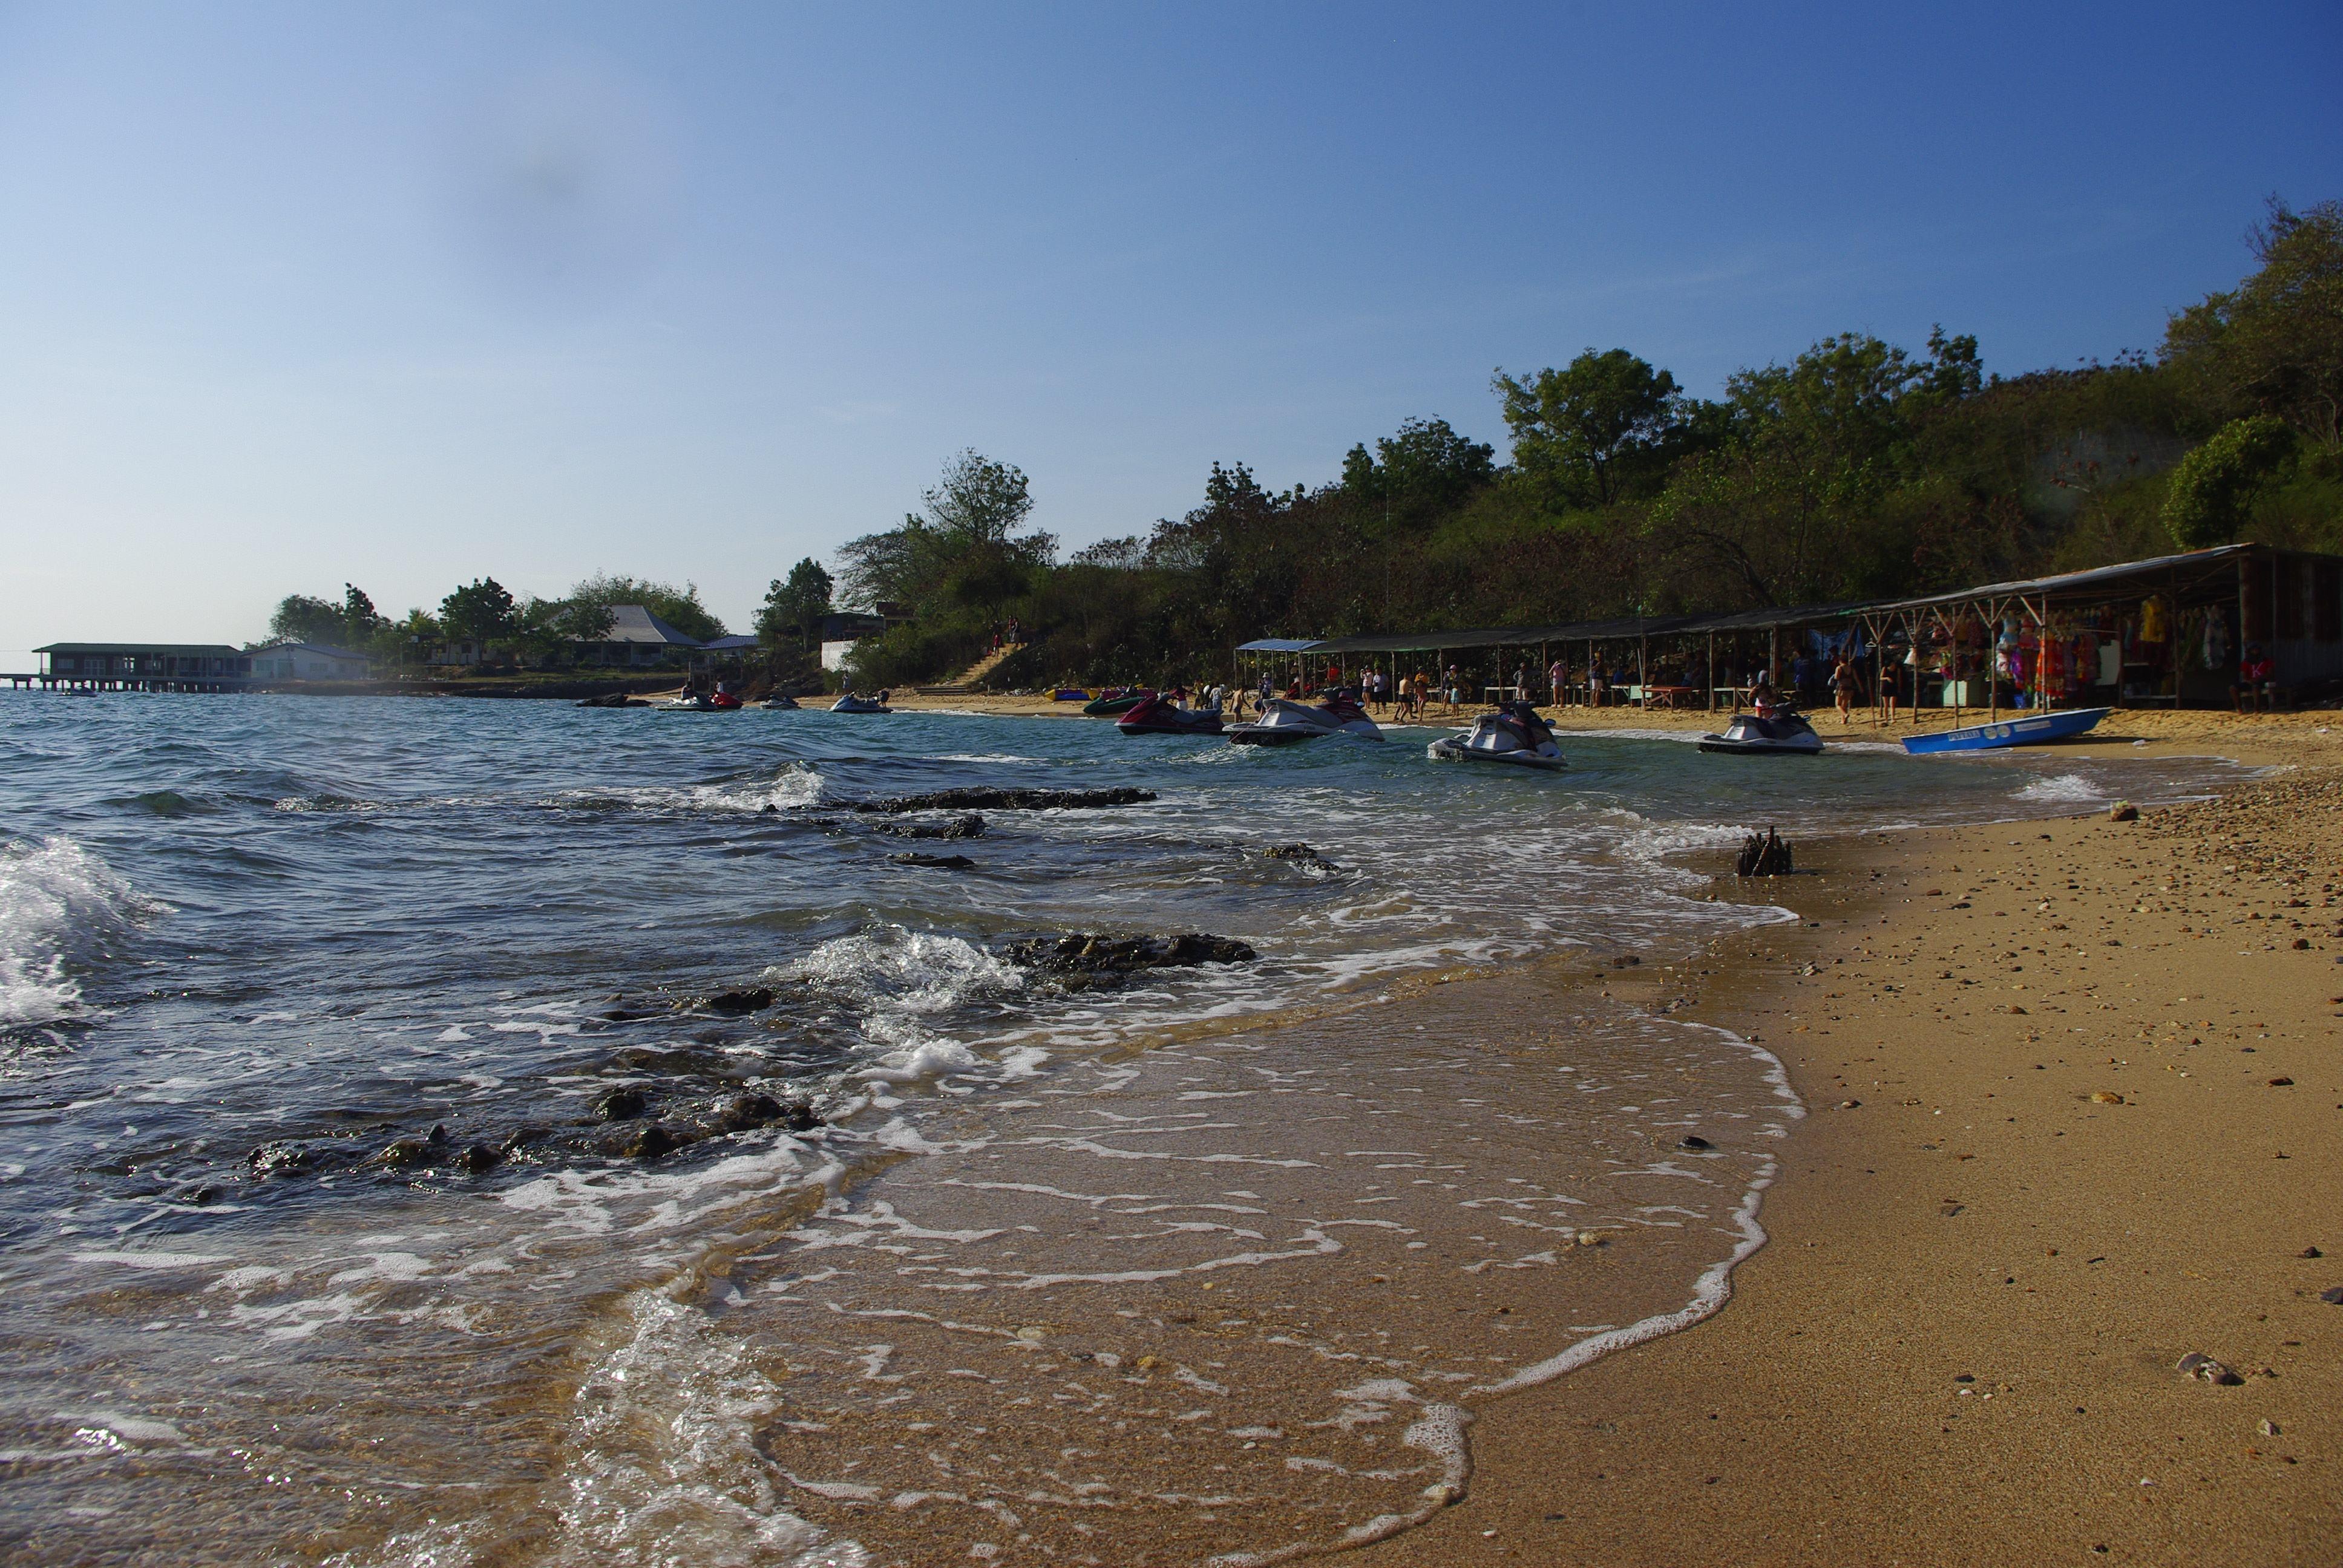 在游玩精彩刺 激的水上活动后,我们前往【金沙岛】享受惬意的海边休